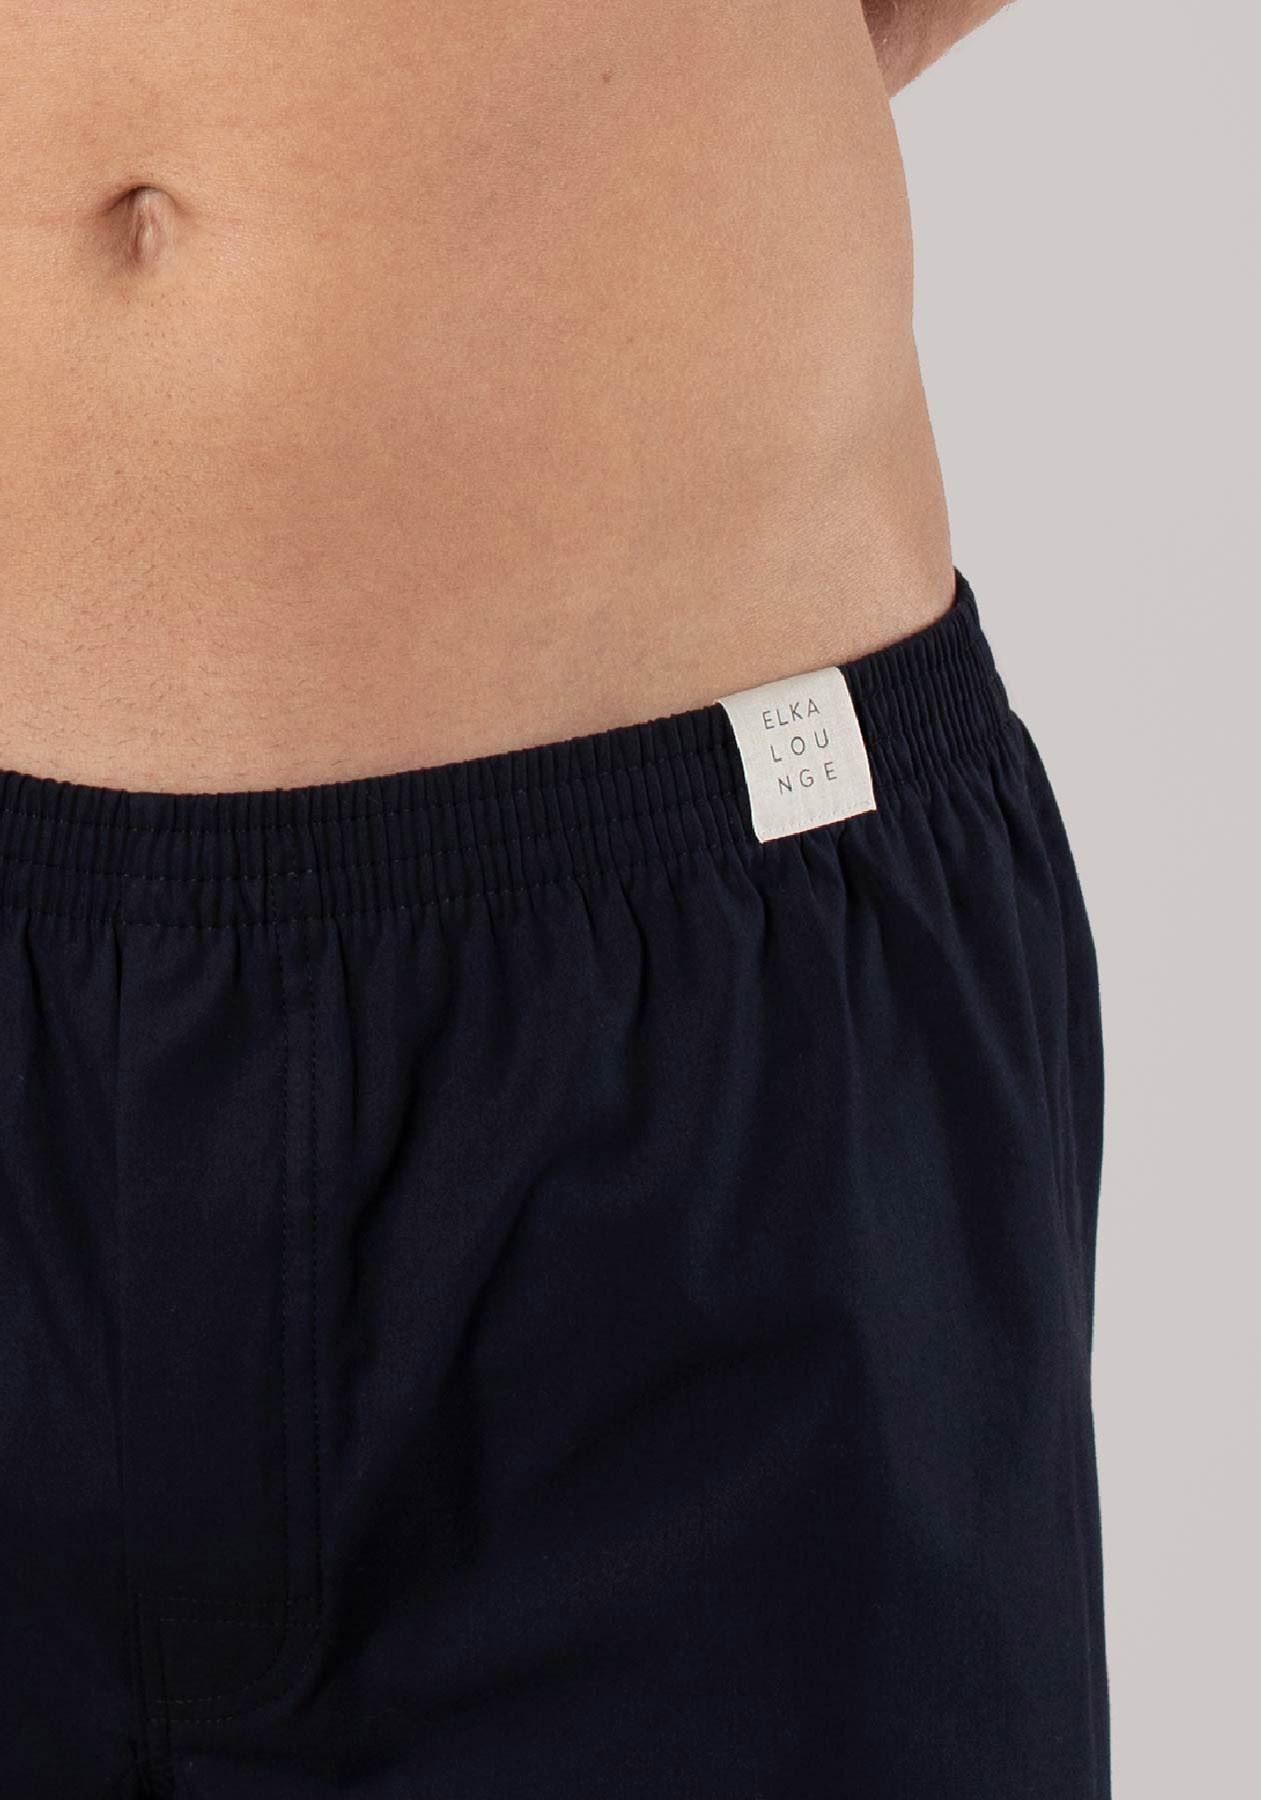 Men-boxershorts-ELKA-Lounge-M00582